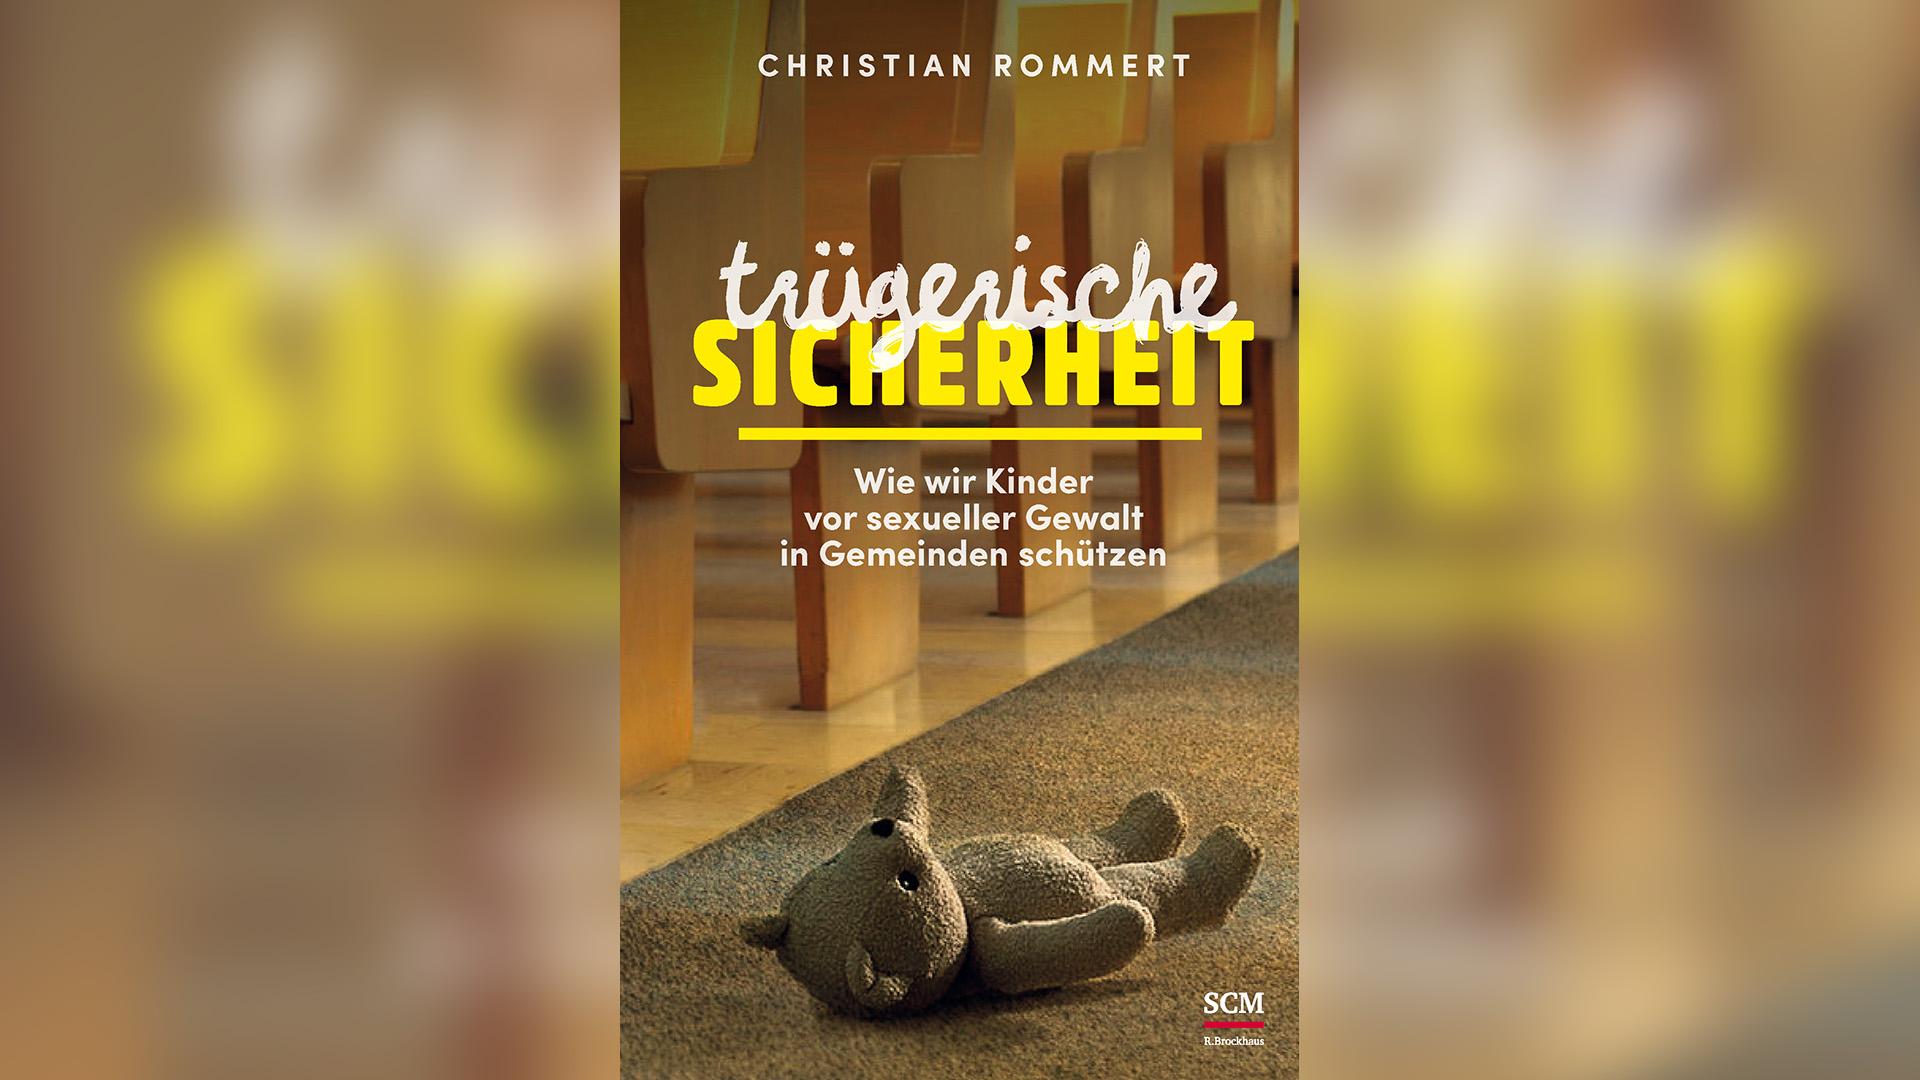 Christian Rommert ist Redner, Autor und Berater. Außerdem ist er Sprecher für das Wort zum Sonntag.